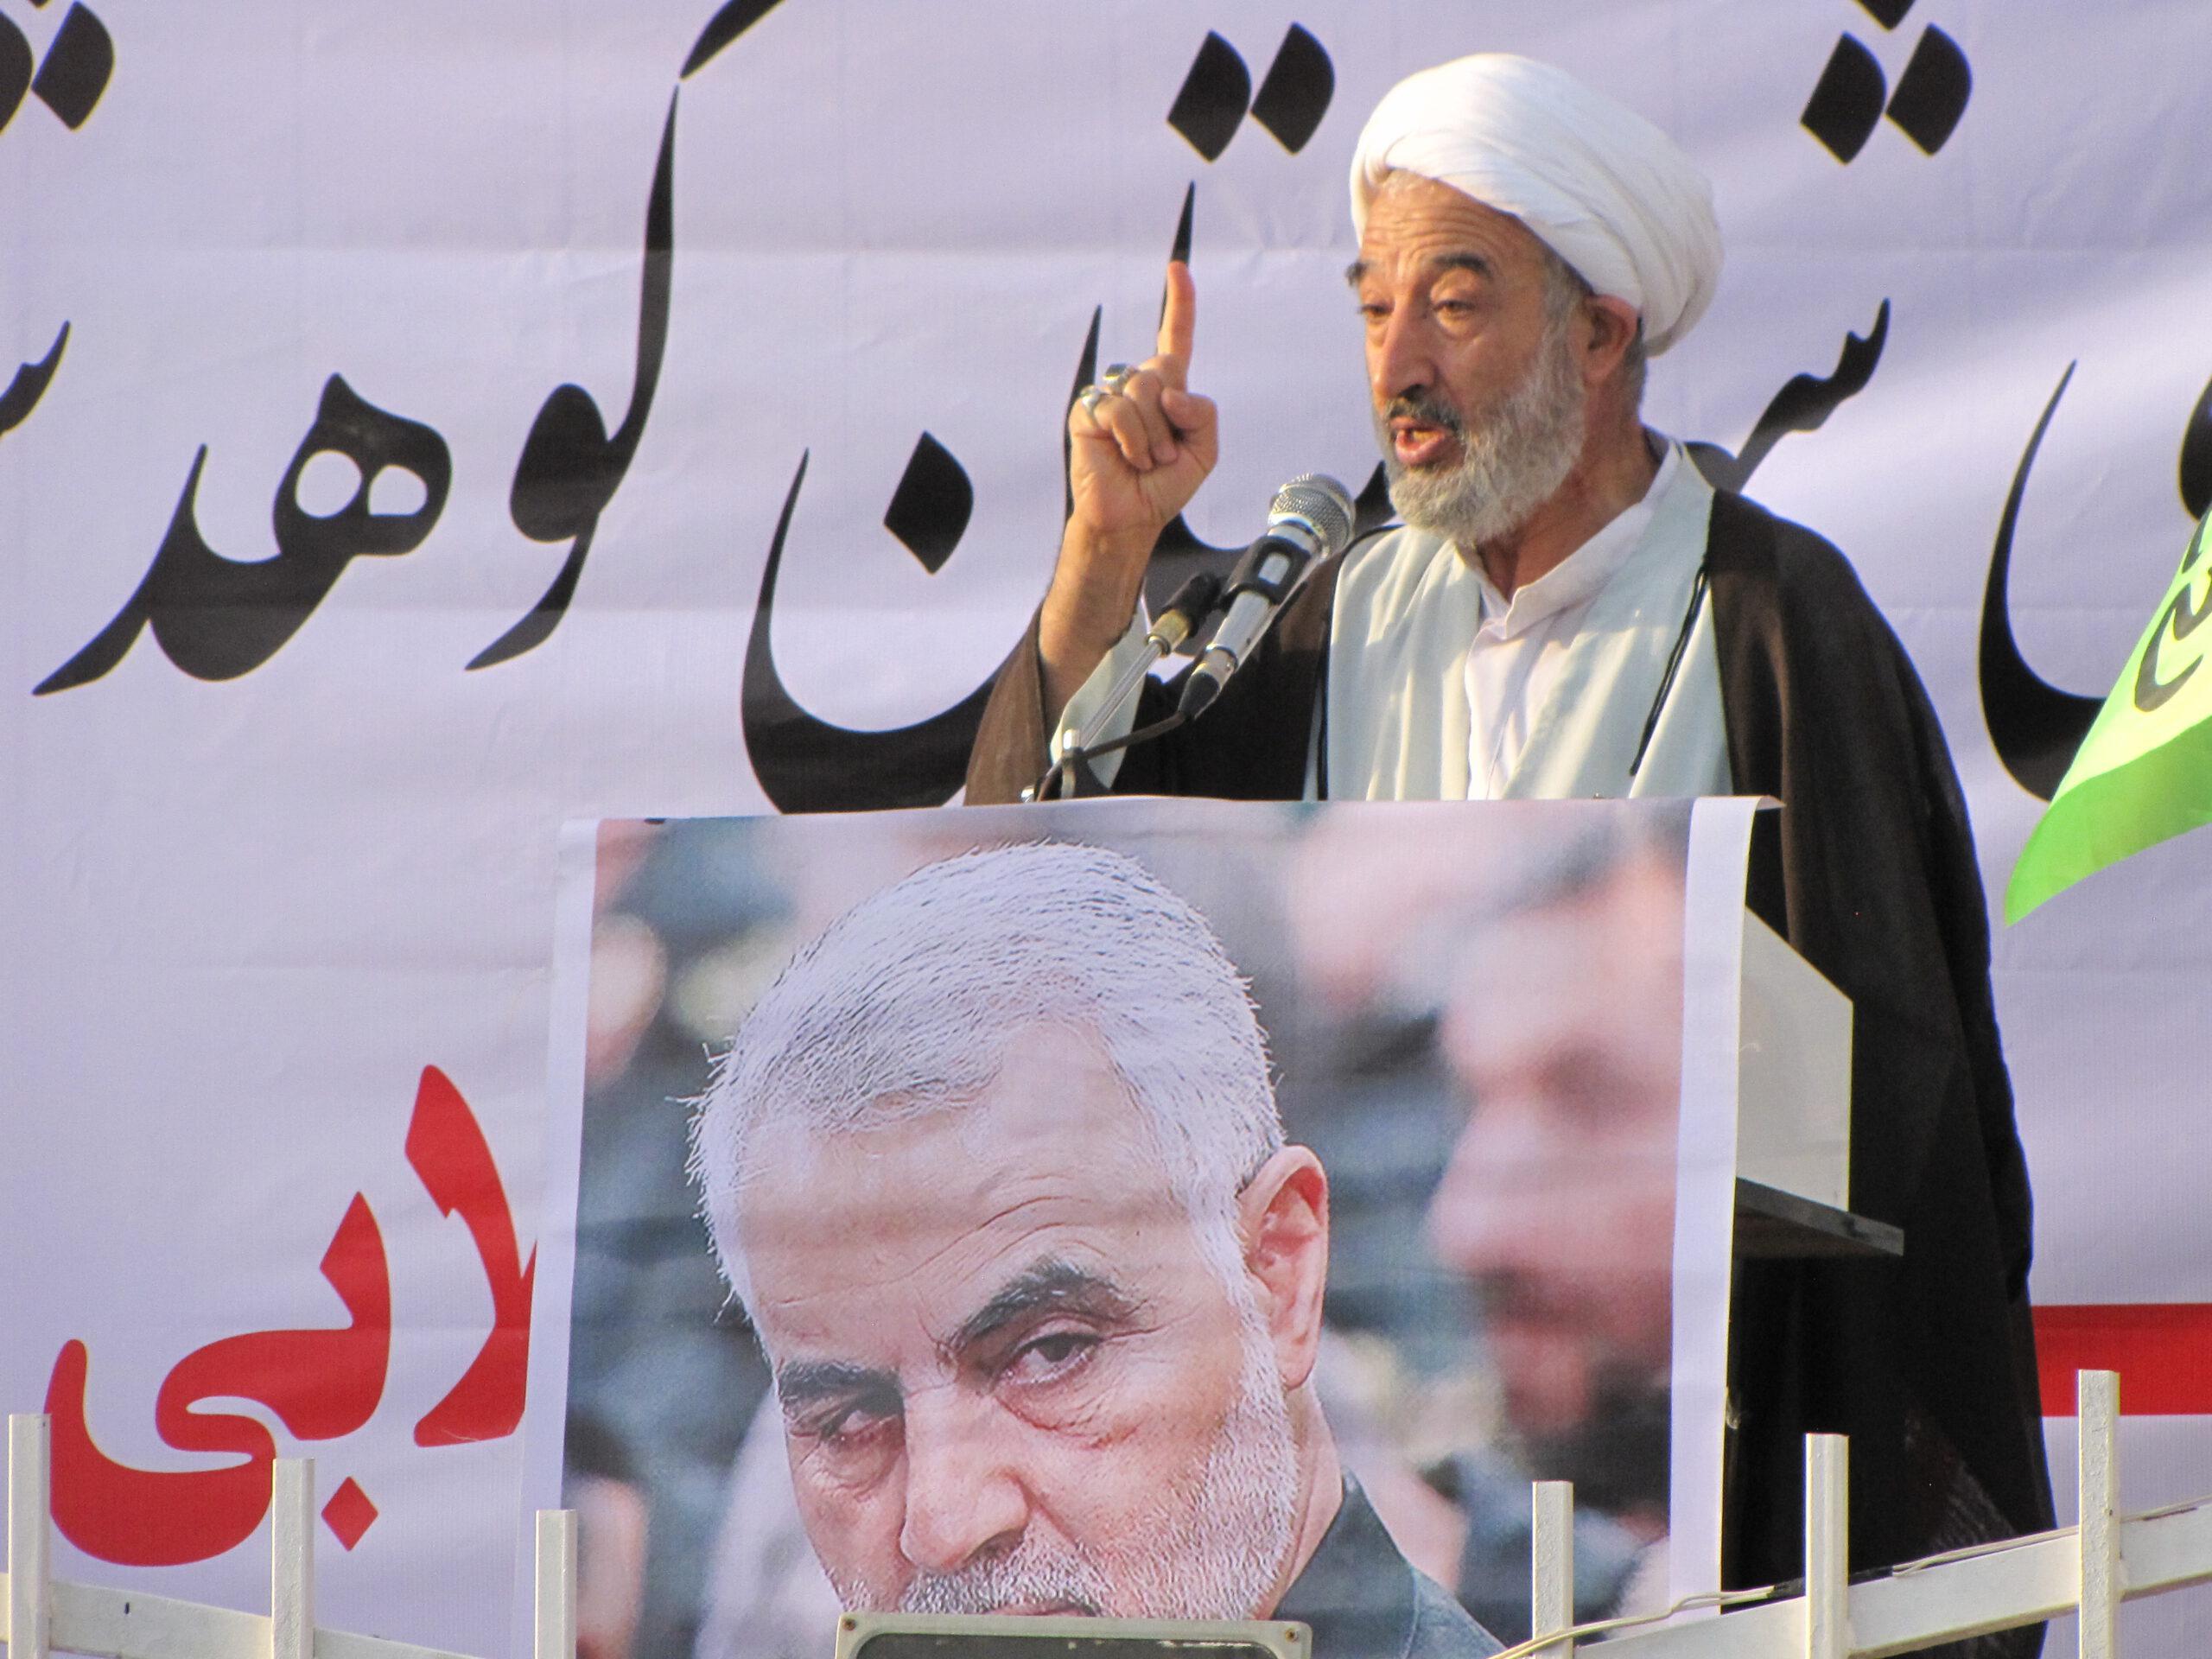 اولین همایش نیرو های شورا ائتلاف انقلاب اسلامی